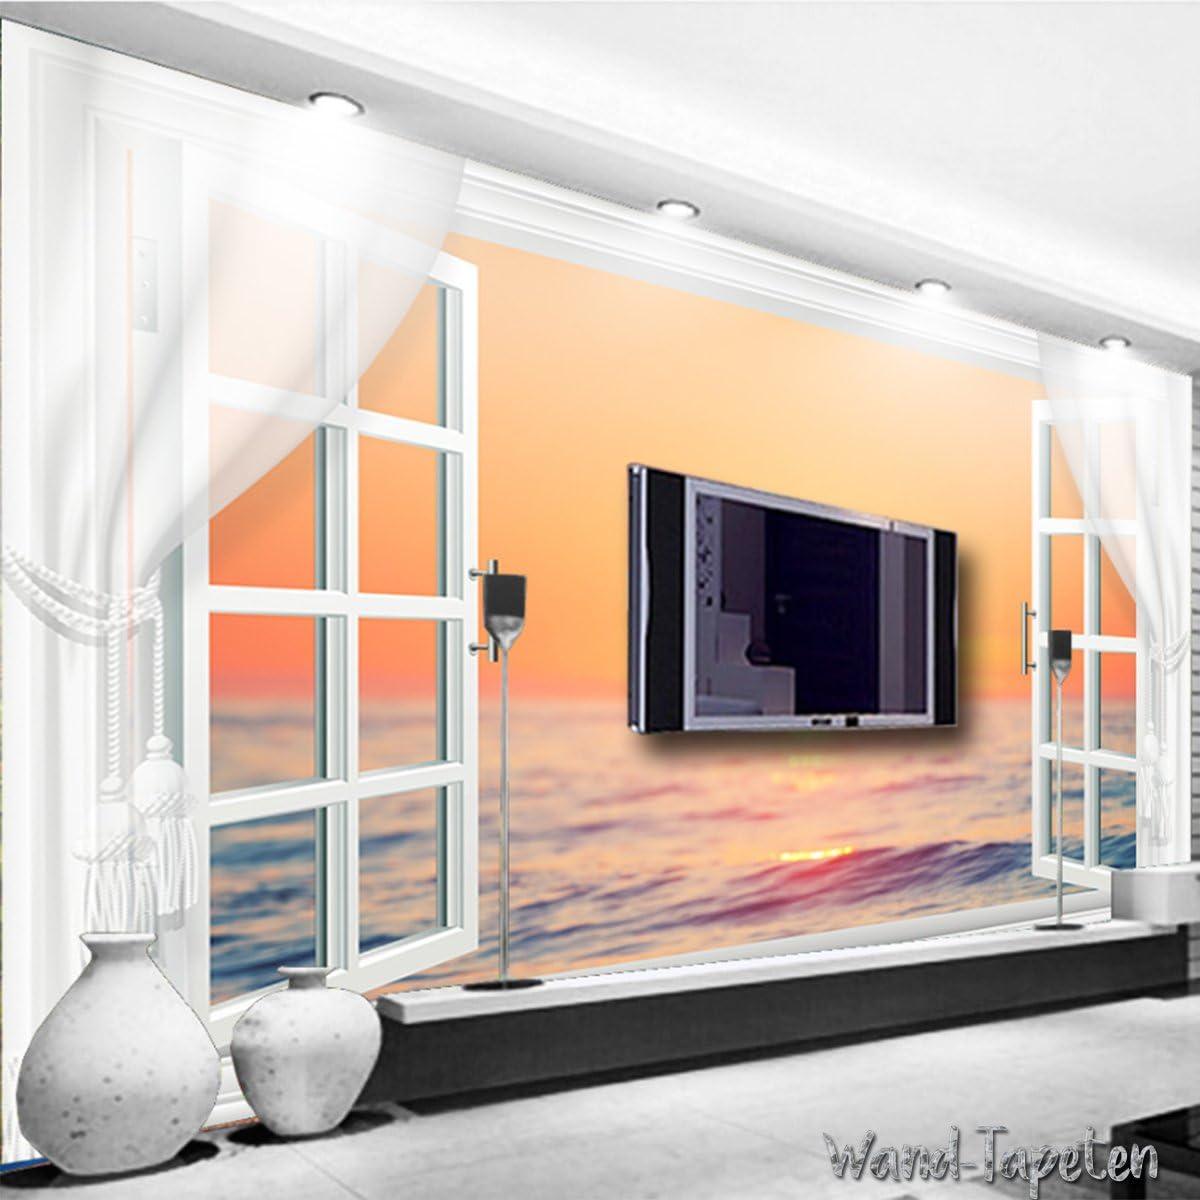 WTD Papel pintado pared tapet pared Imágenes 3d de ventana puesta del sol Mar KN de 2730, XS 150cm(B) x 105cm(H) 3-Bahne: Amazon.es: Bricolaje y herramientas